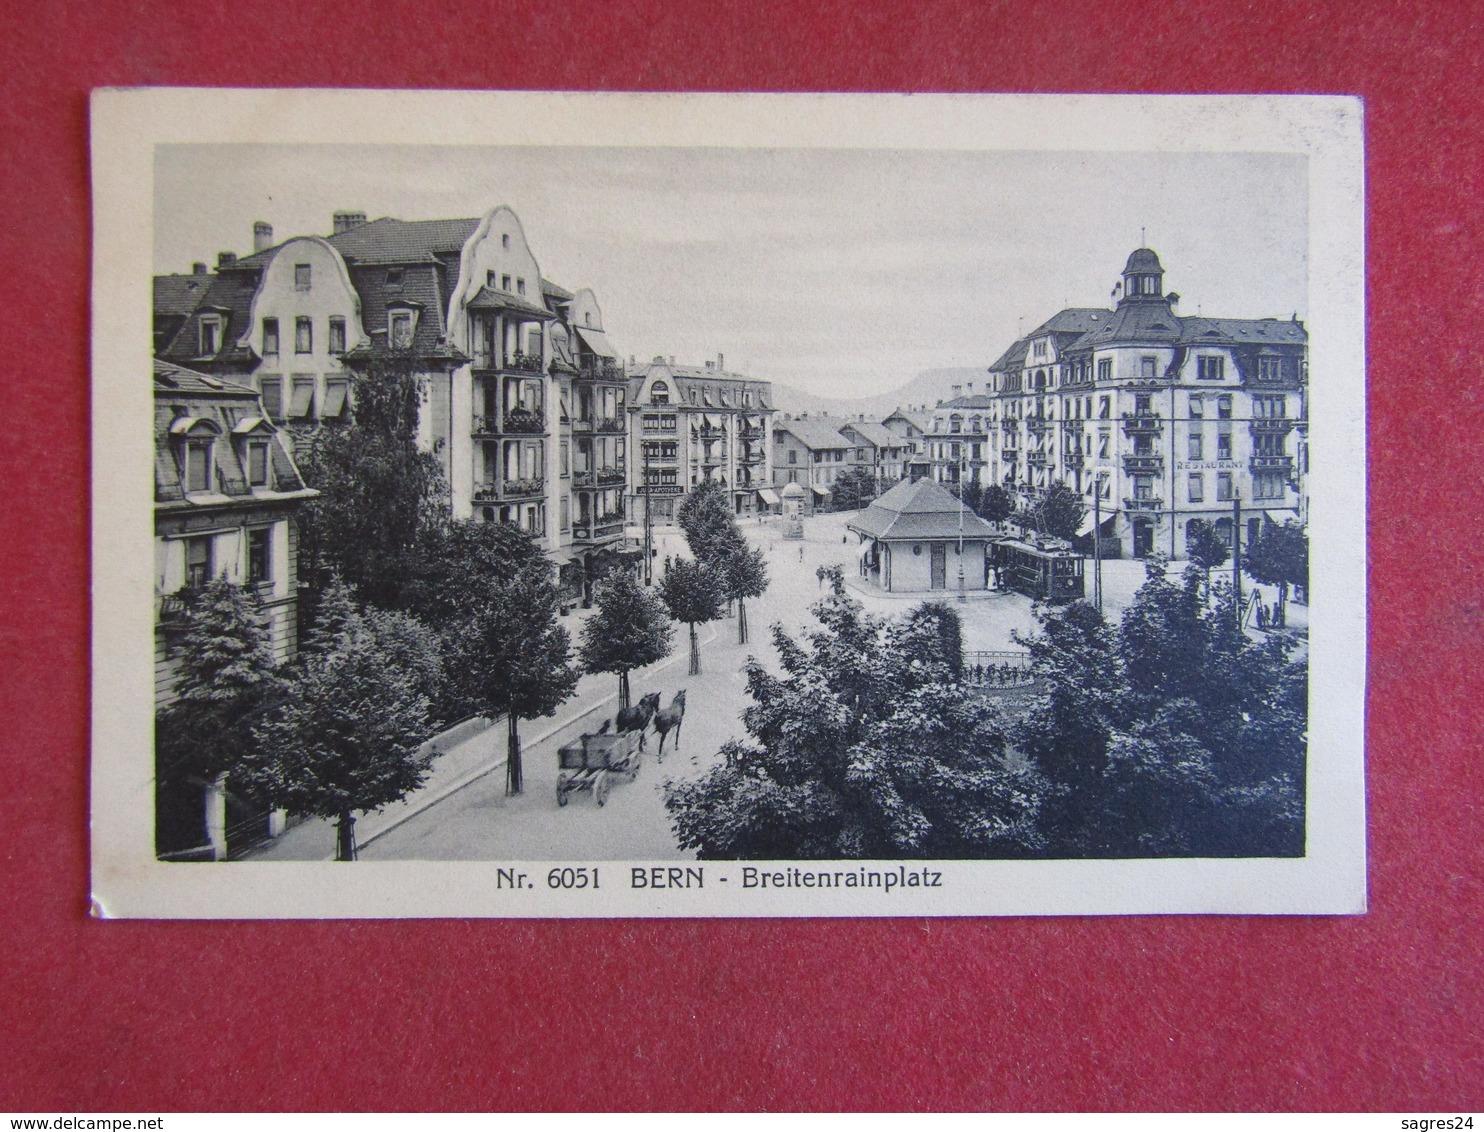 Suisse - Bern - Breitenrainplatz - BE Berne